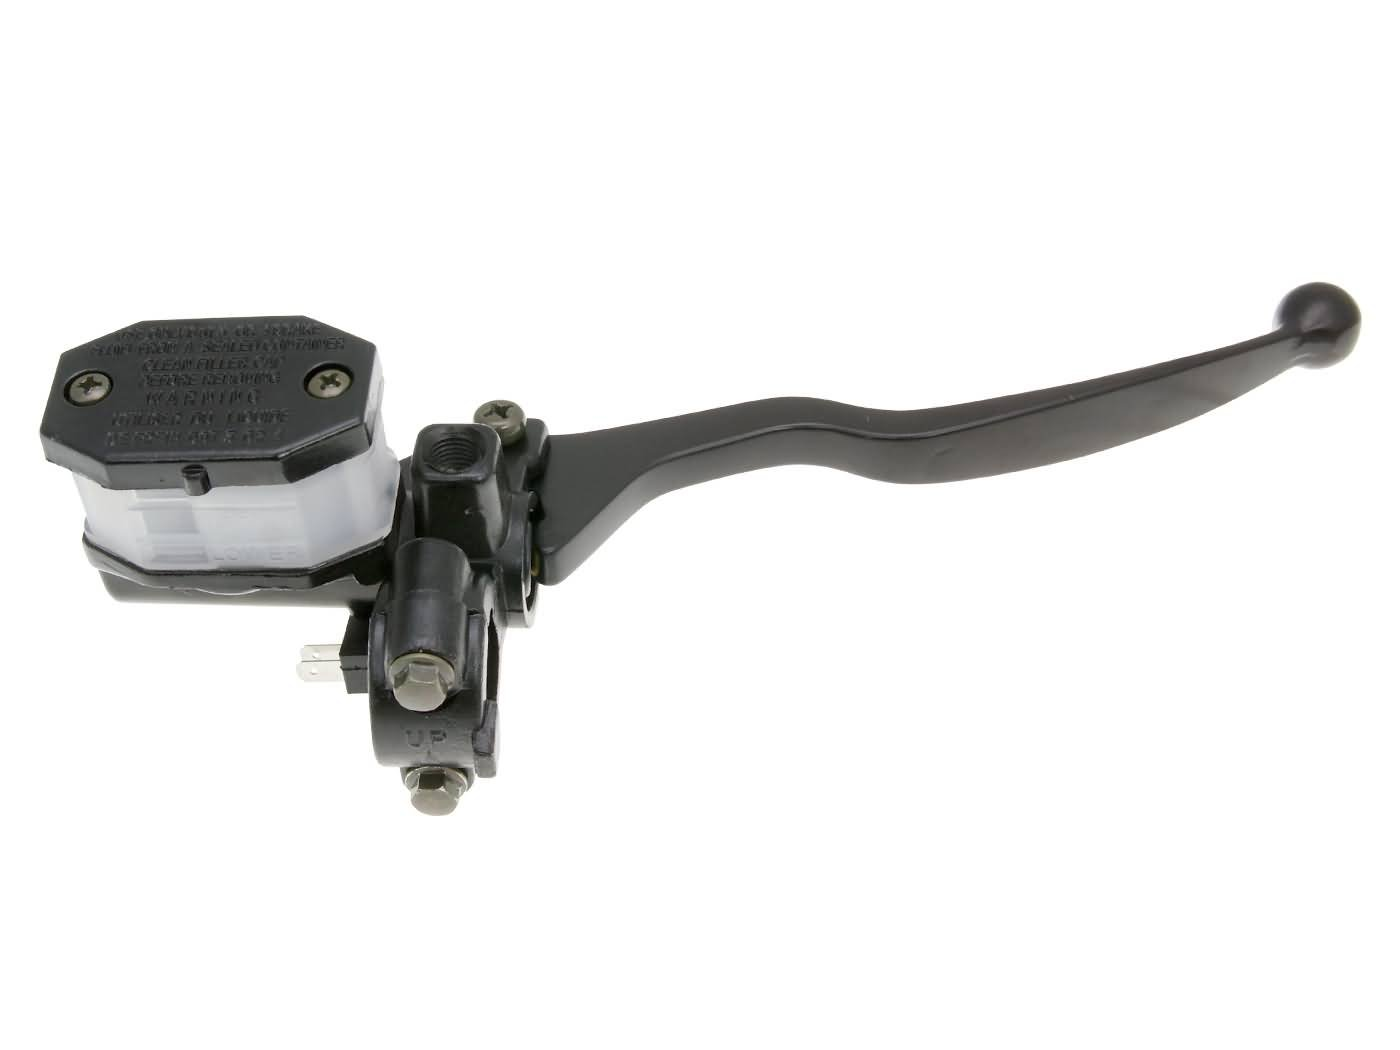 Universale Bremspumpe/Bremszylinder/Hauptbremszylinder rechts mit Bremshebel fü r Roller, Moped, Mokick, Motorrad, Quad & ATV - Spiegelhalterung M8 101 Octane